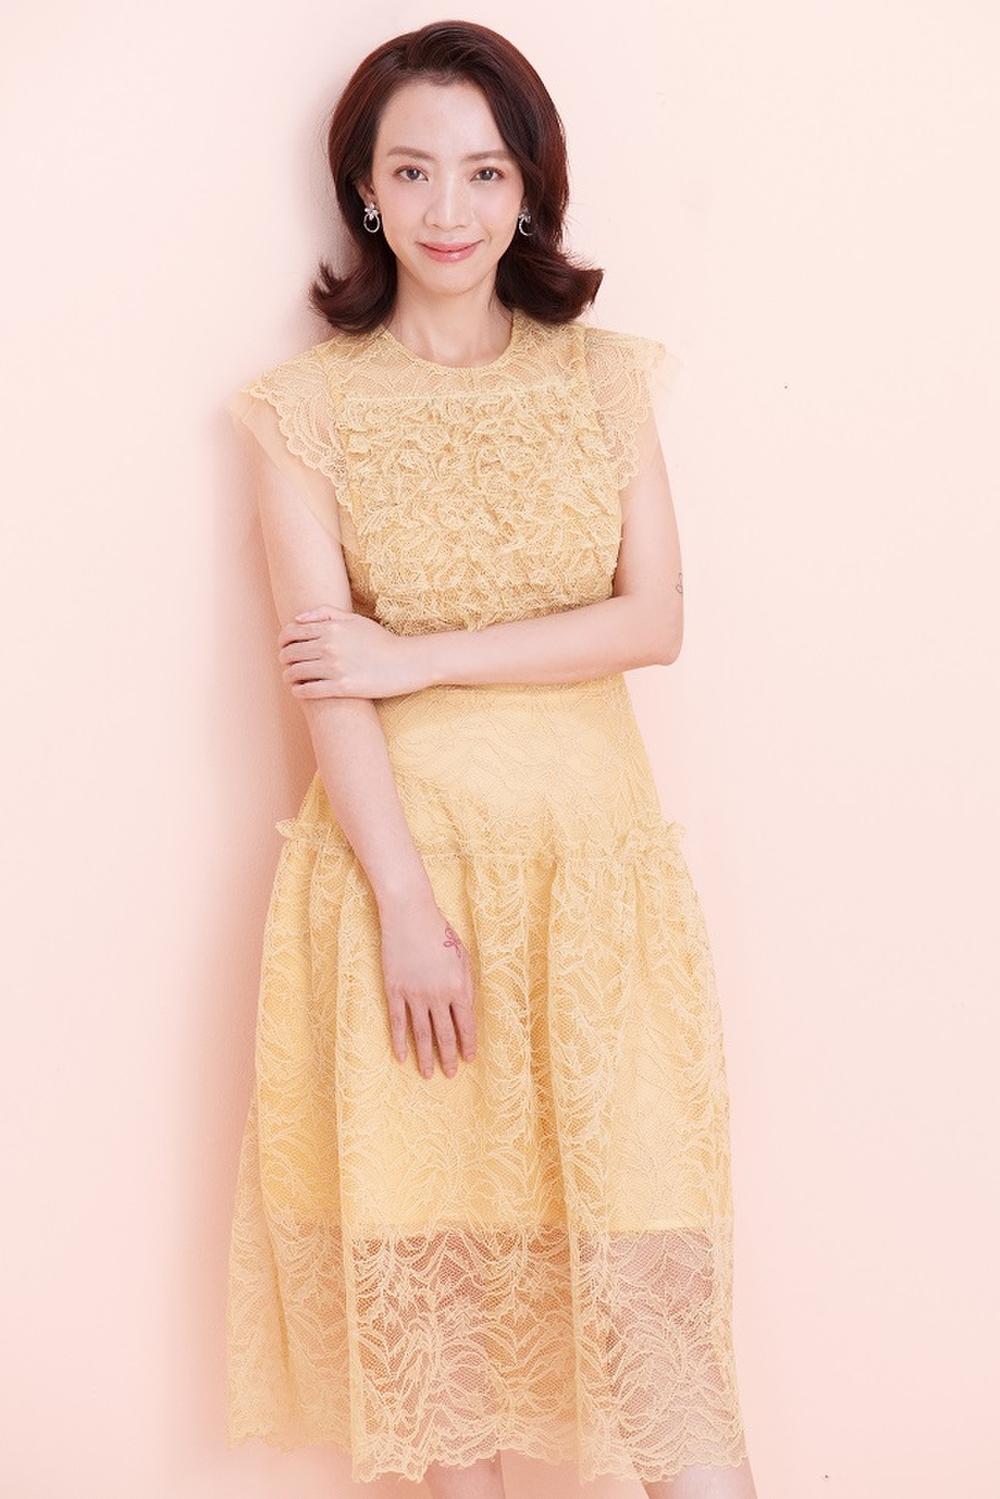 Hoa hậu Khánh Vân giúp Thu Trang lên đời nhan sắc, đổi vận mệnh?